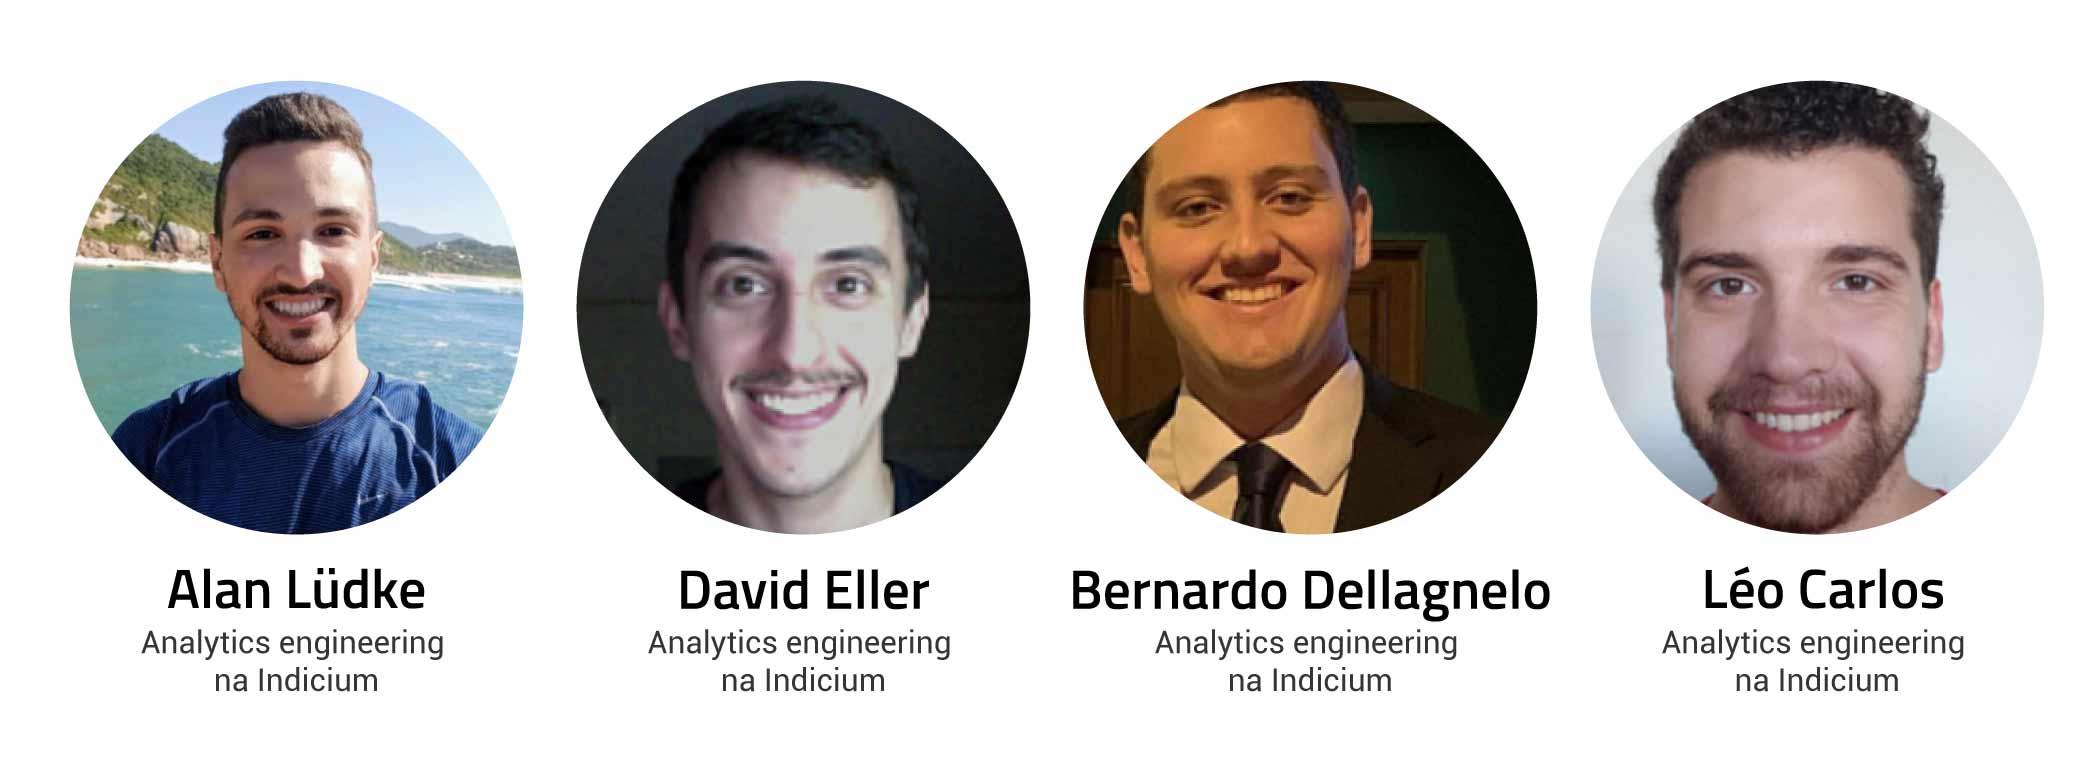 Fotos de quatro analytics engineers da Indicium, ex-alunos da Indicium Academy.